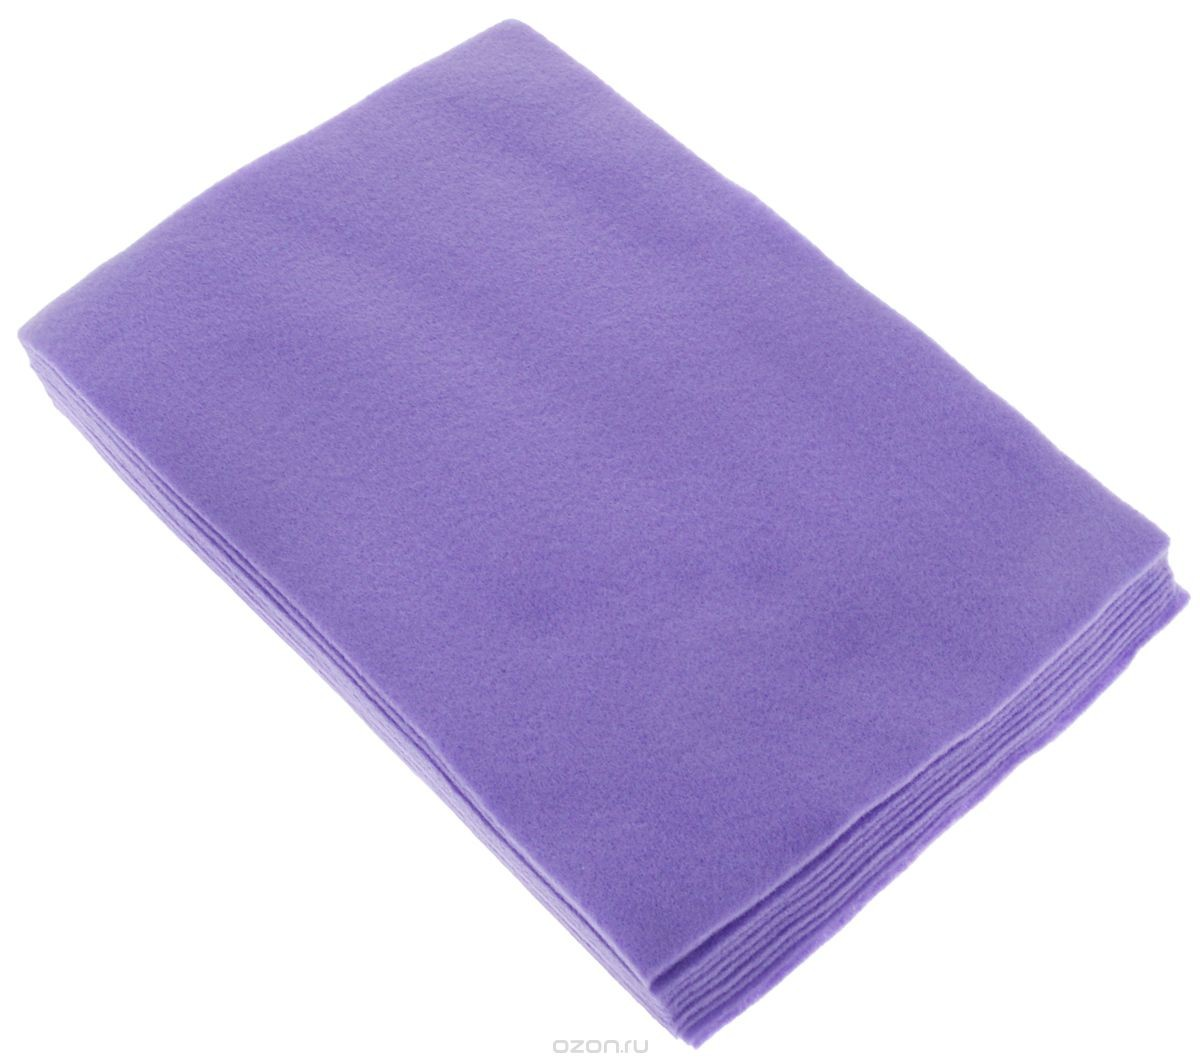 Отрезок фетра 20х30 см, фиолетовый